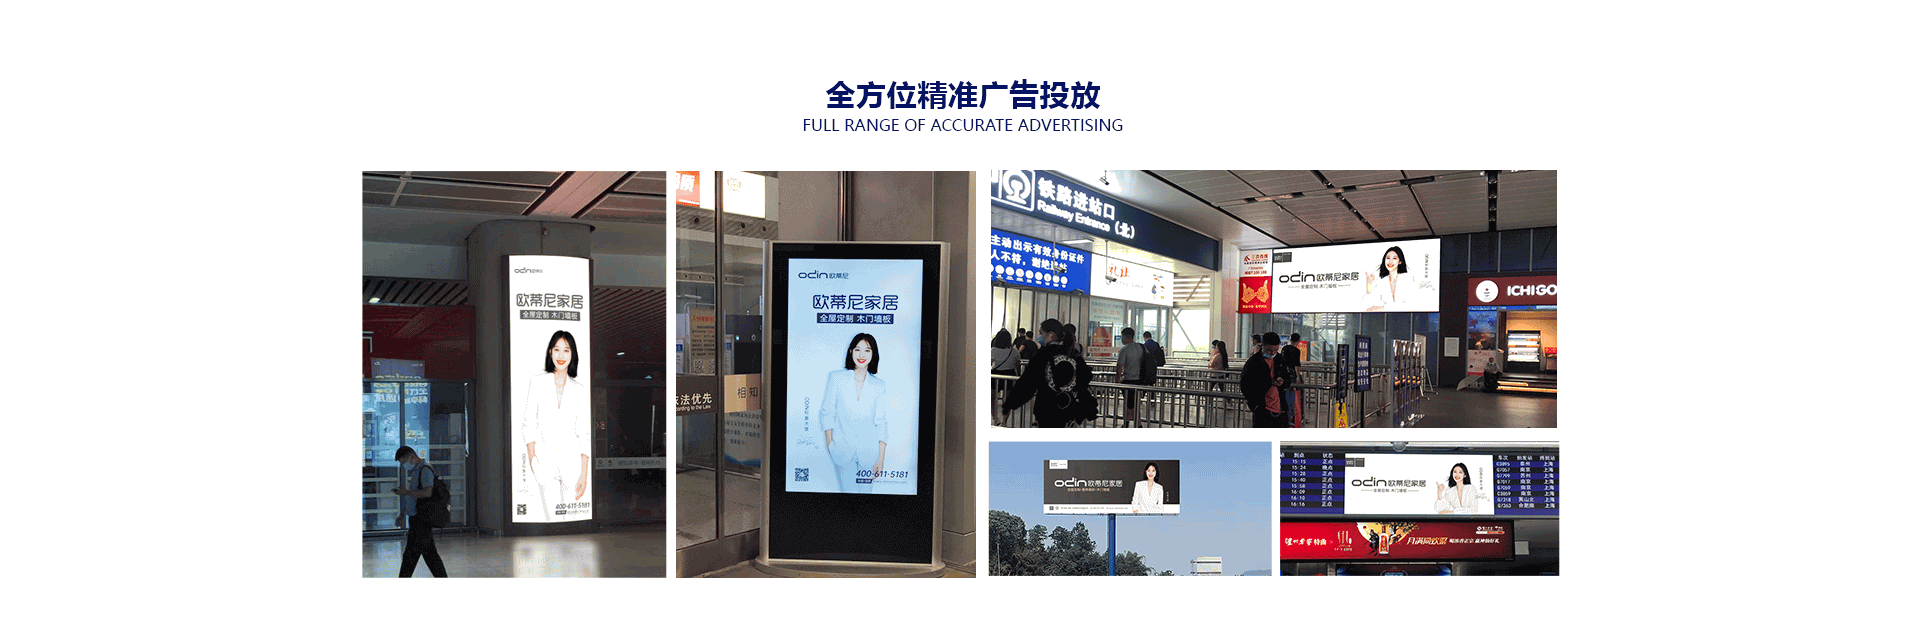 欧蒂尼家居品牌招商加盟,欧蒂尼终端广告投放